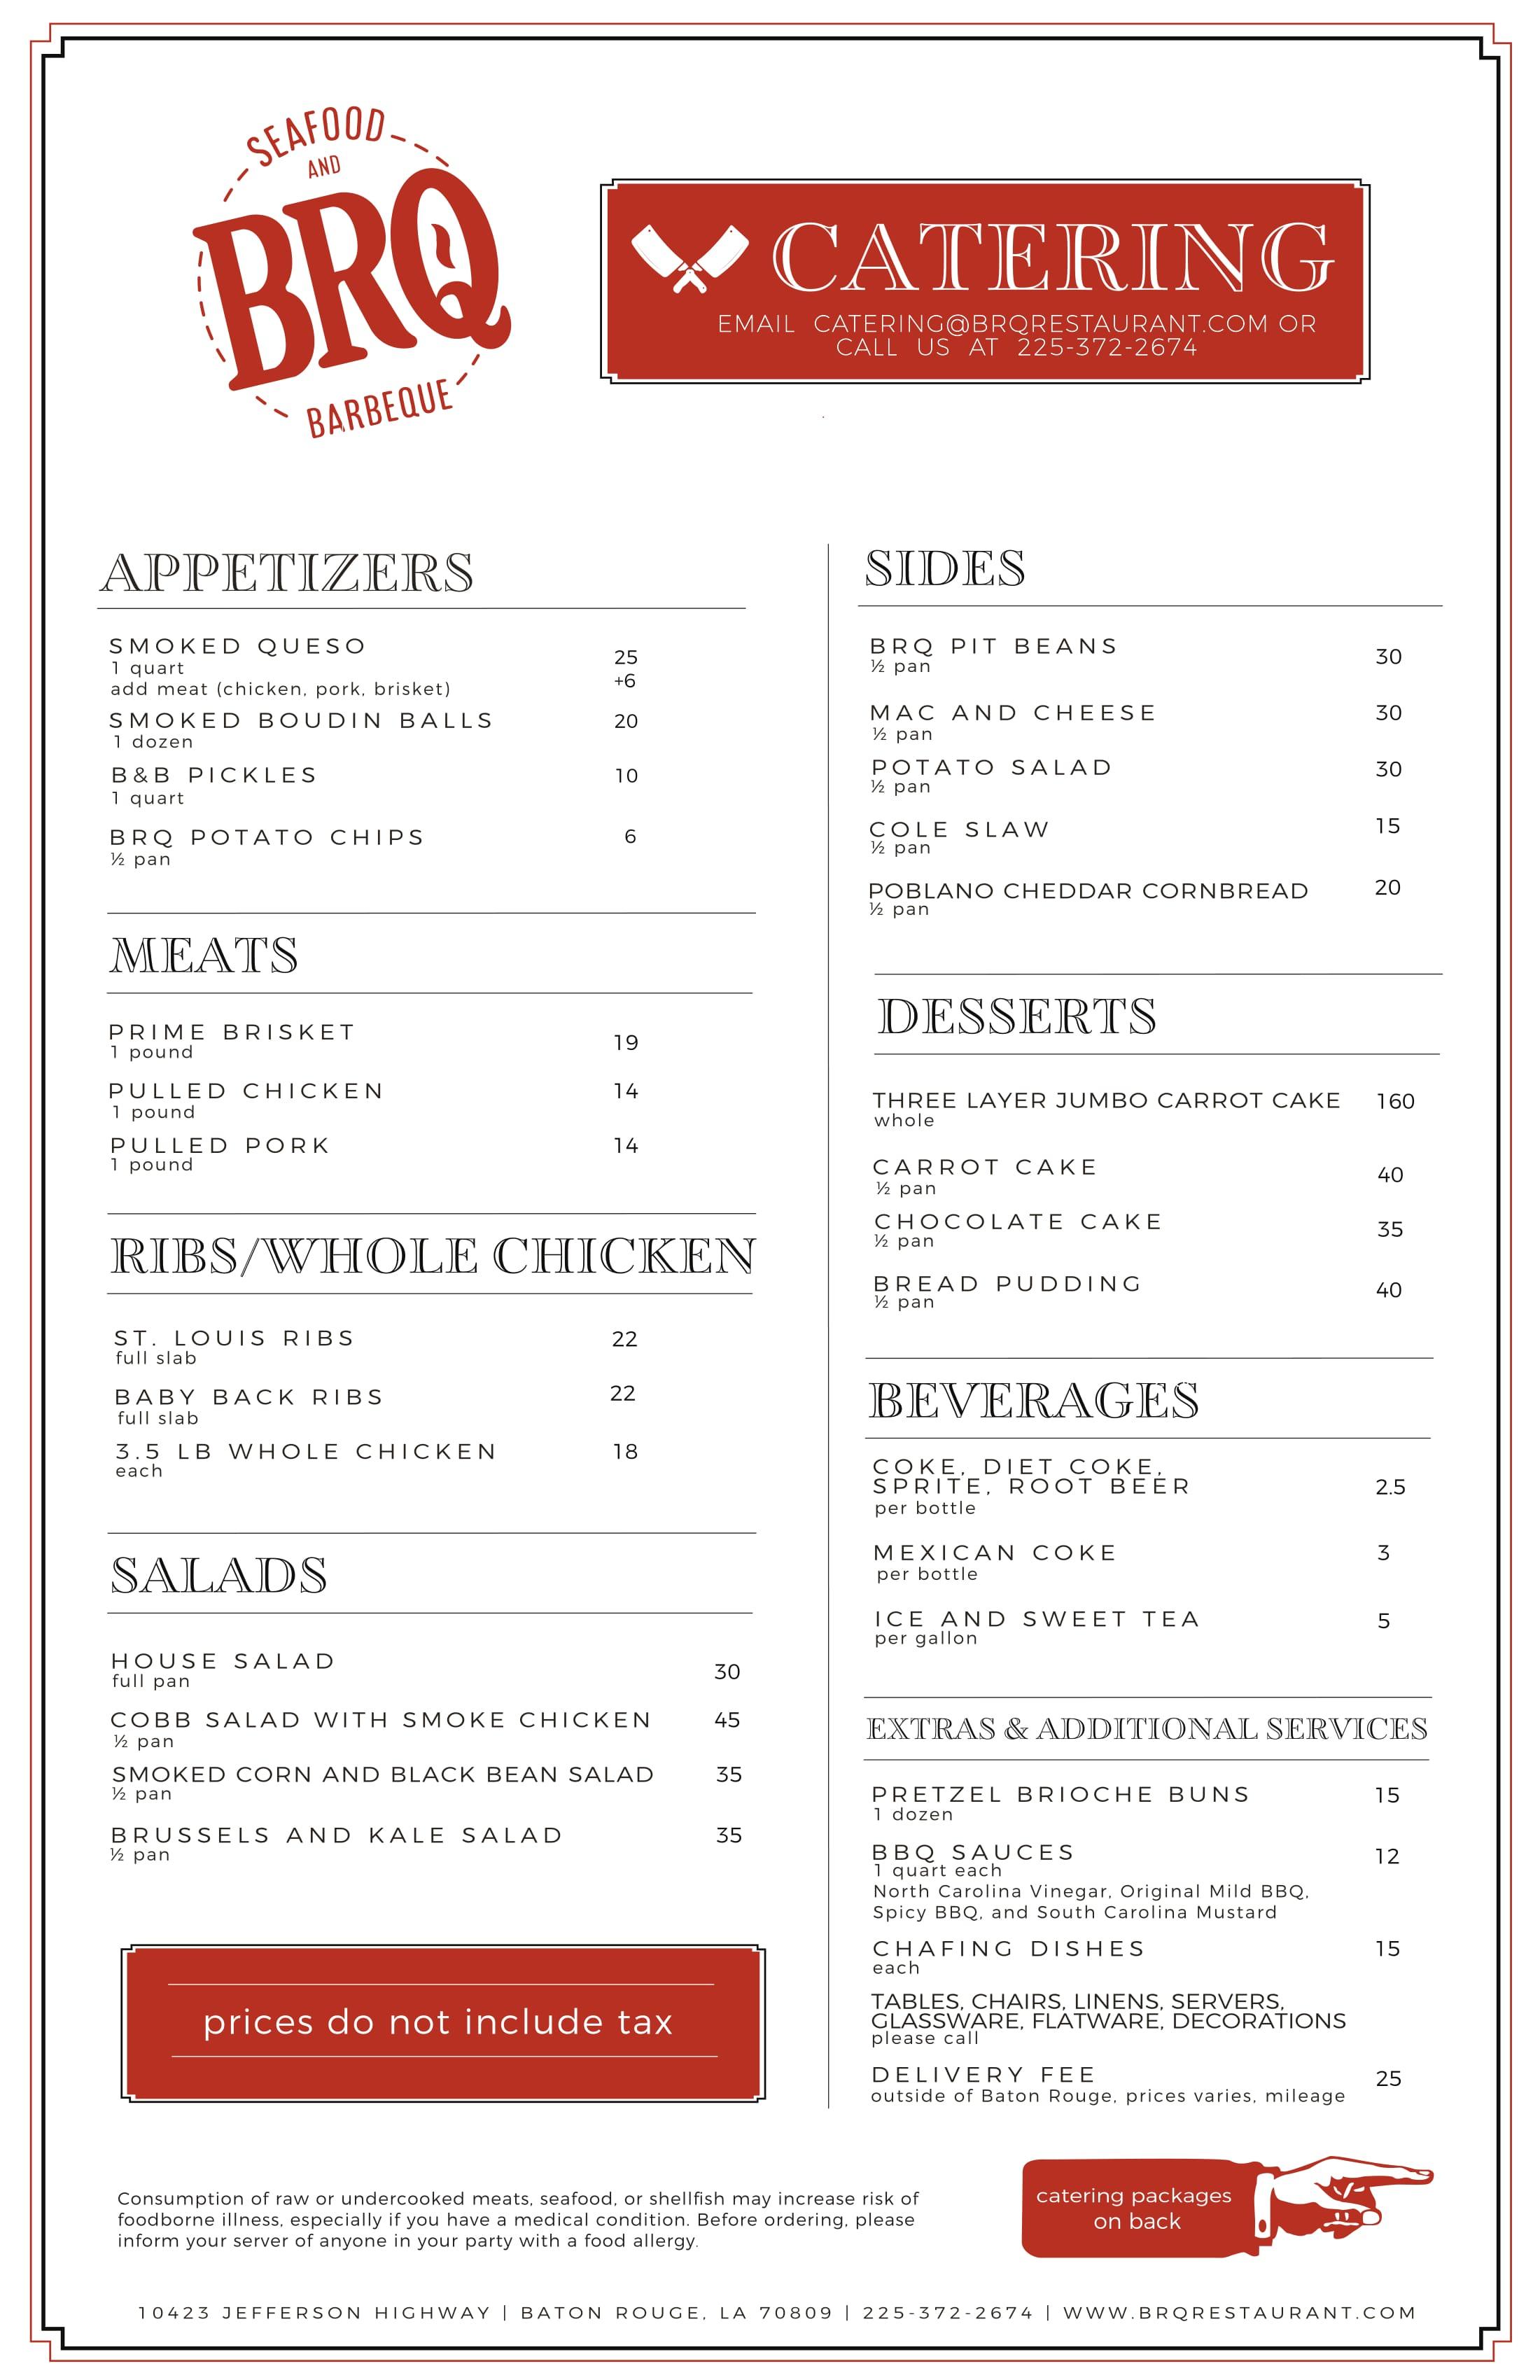 brq catering menu